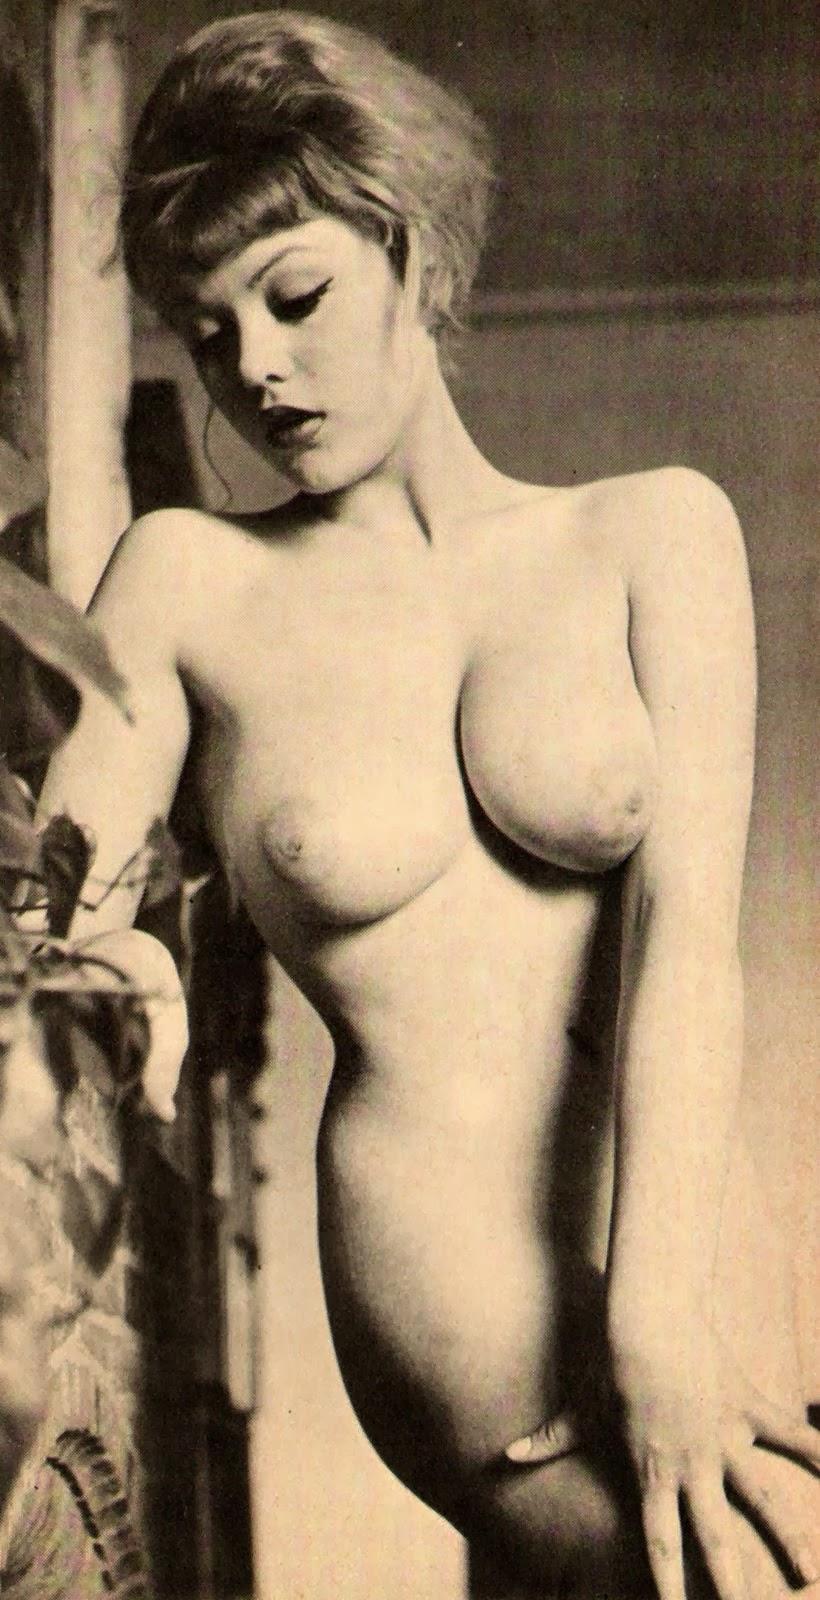 Teen pron stars nude